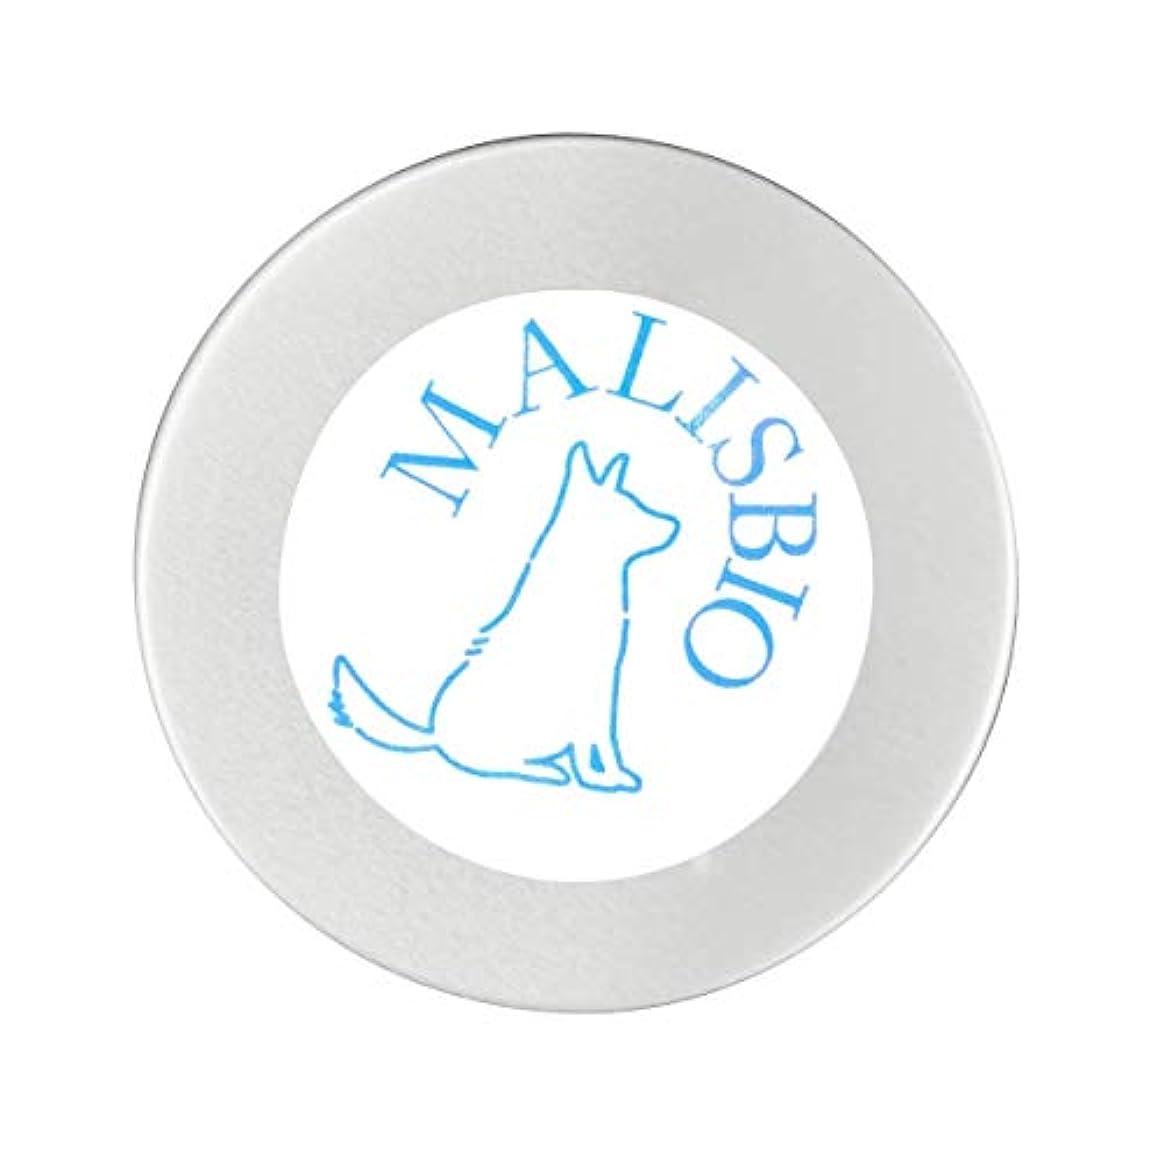 魔法ホイストファウルマリスビオ(MALISBIO) シアバター 携帯用ケース 50g <日本製> (50_青) コスメ ピルケース 小物入れ 日本製